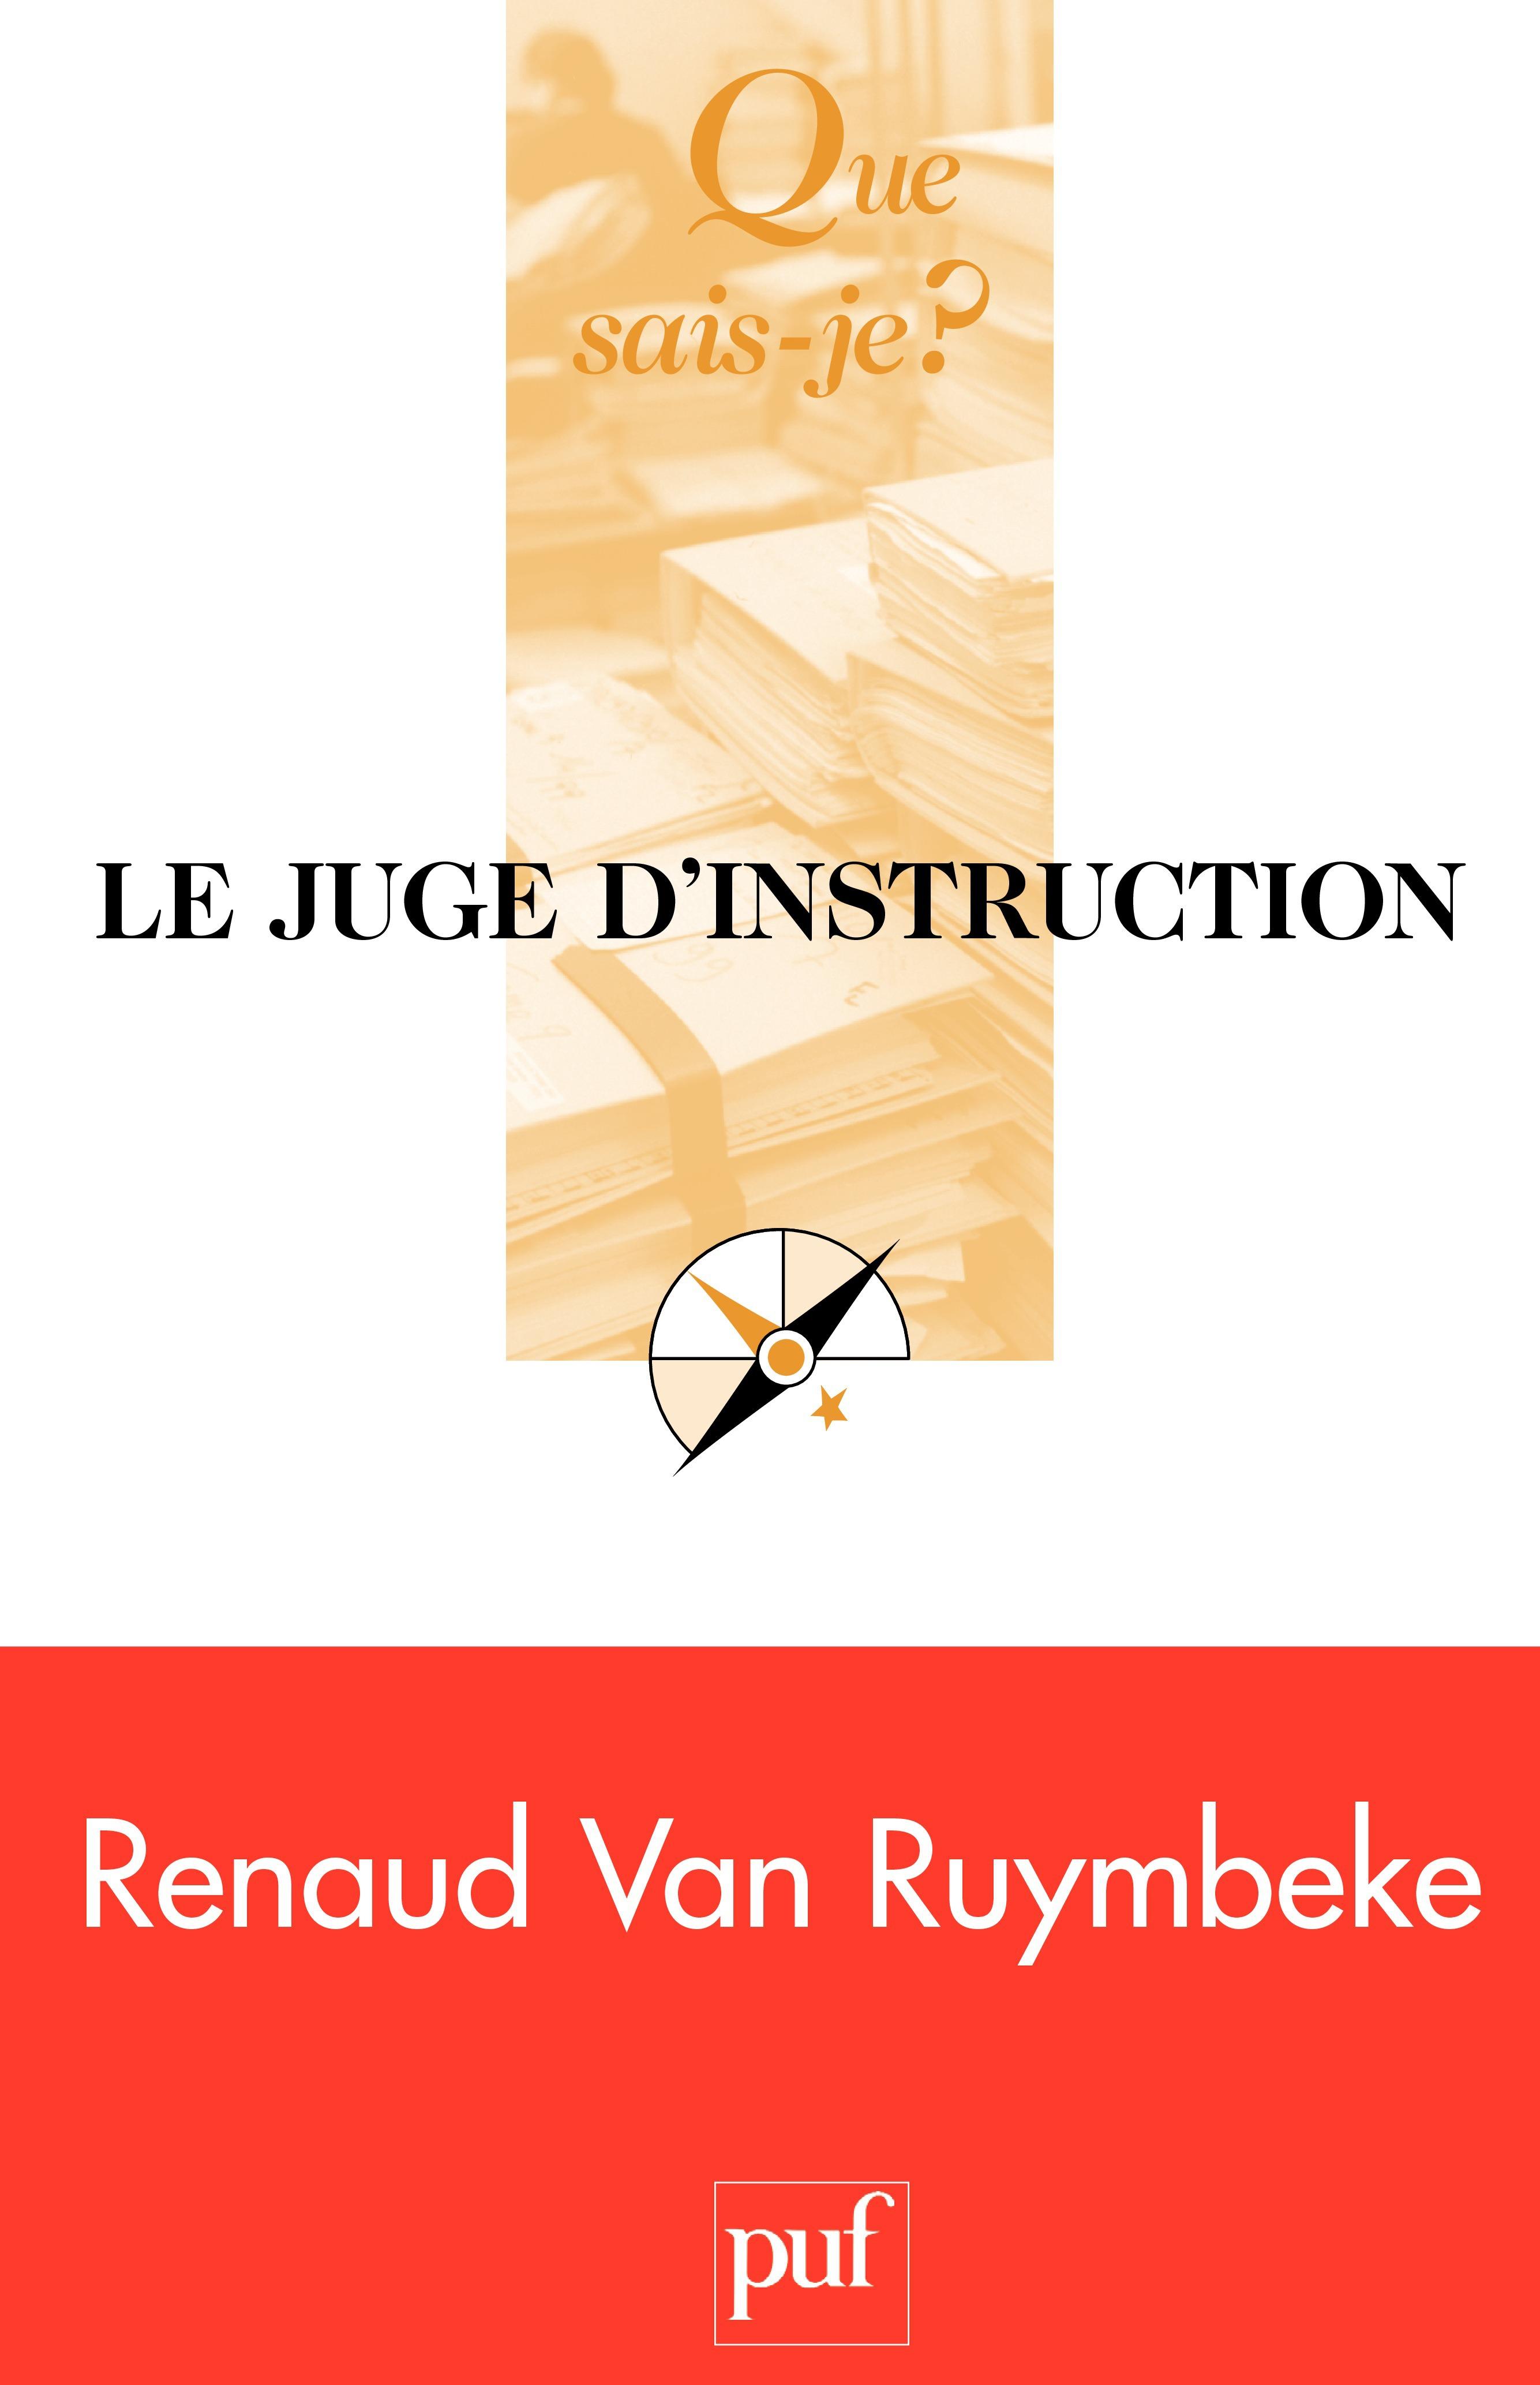 Le juge d'instruction (5e édition)